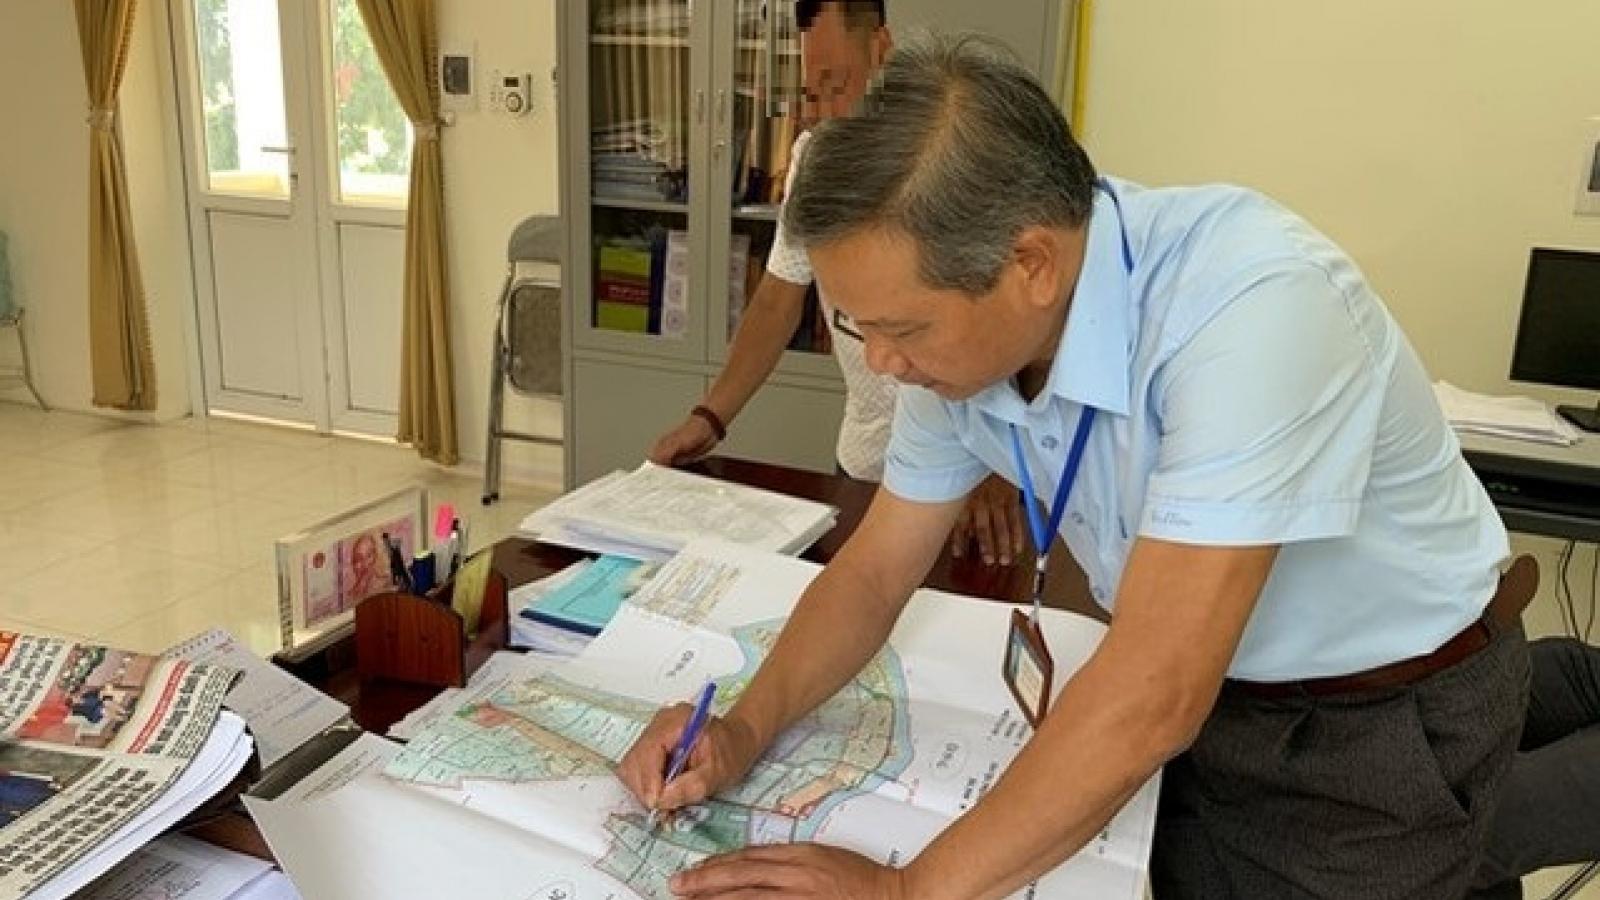 Bắt tạm giam nguyên Bí thư và nguyên Chủ tịch UBND xã Phú Xuân, Vĩnh Phúc